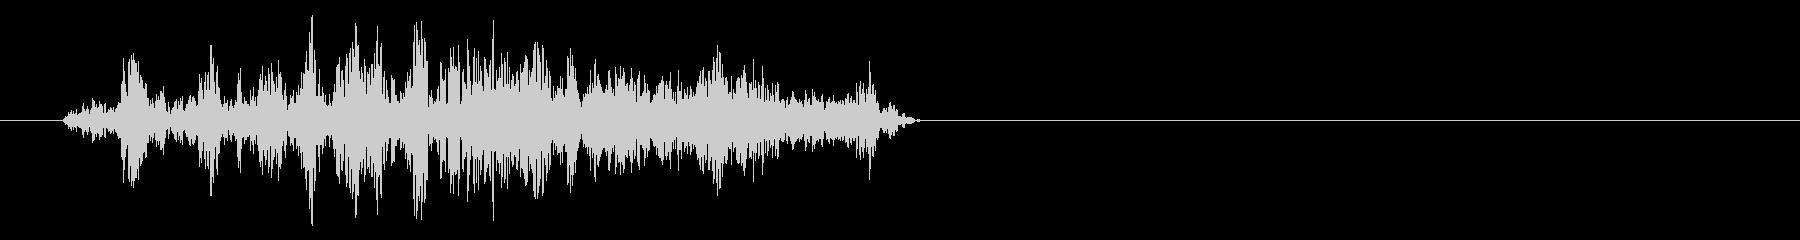 シークレットパッセージウェイストーンの未再生の波形